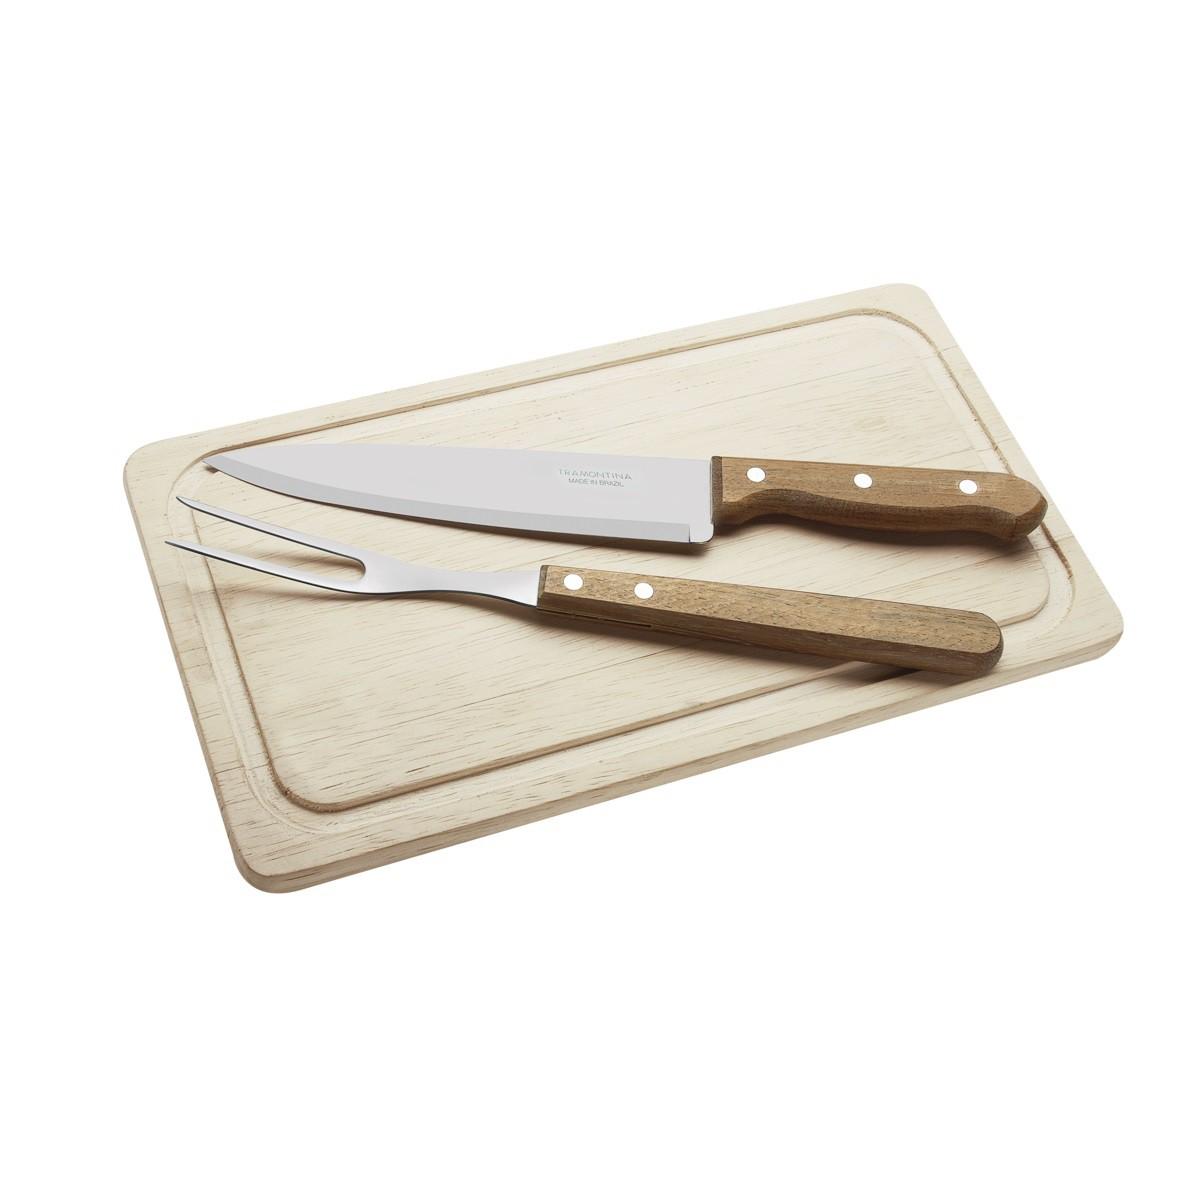 Kit para Churrasco Tábua de Corte em Madeira Faca e Garfo com Lâminas em Aço Inox e Cabos em Madeira Natural 3 Peças Tramontina